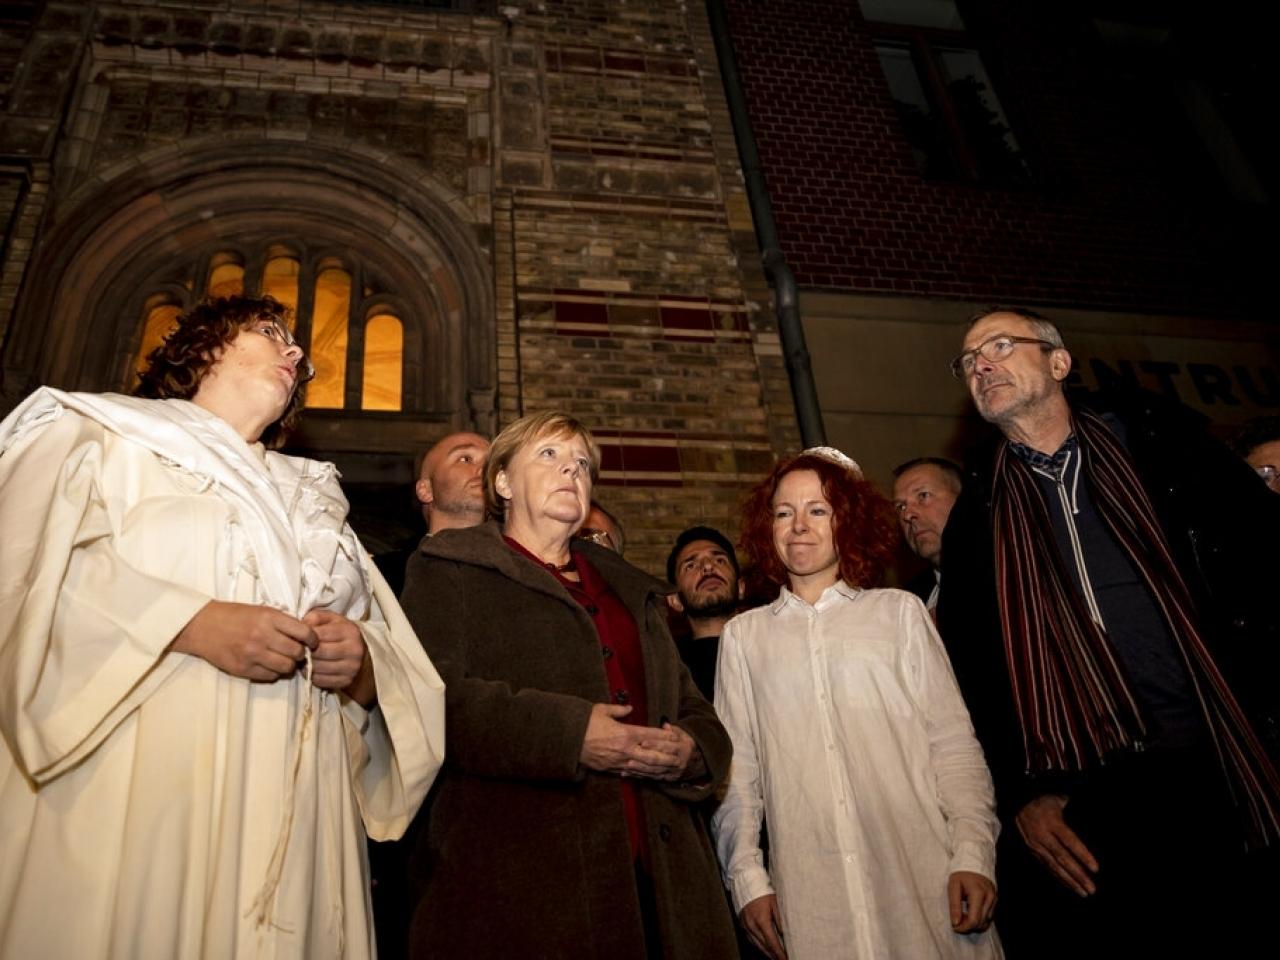 德國哈雷發生槍擊案,釀兩死,默克爾到猶太會堂出席為受害者舉行的祈禱會。AP